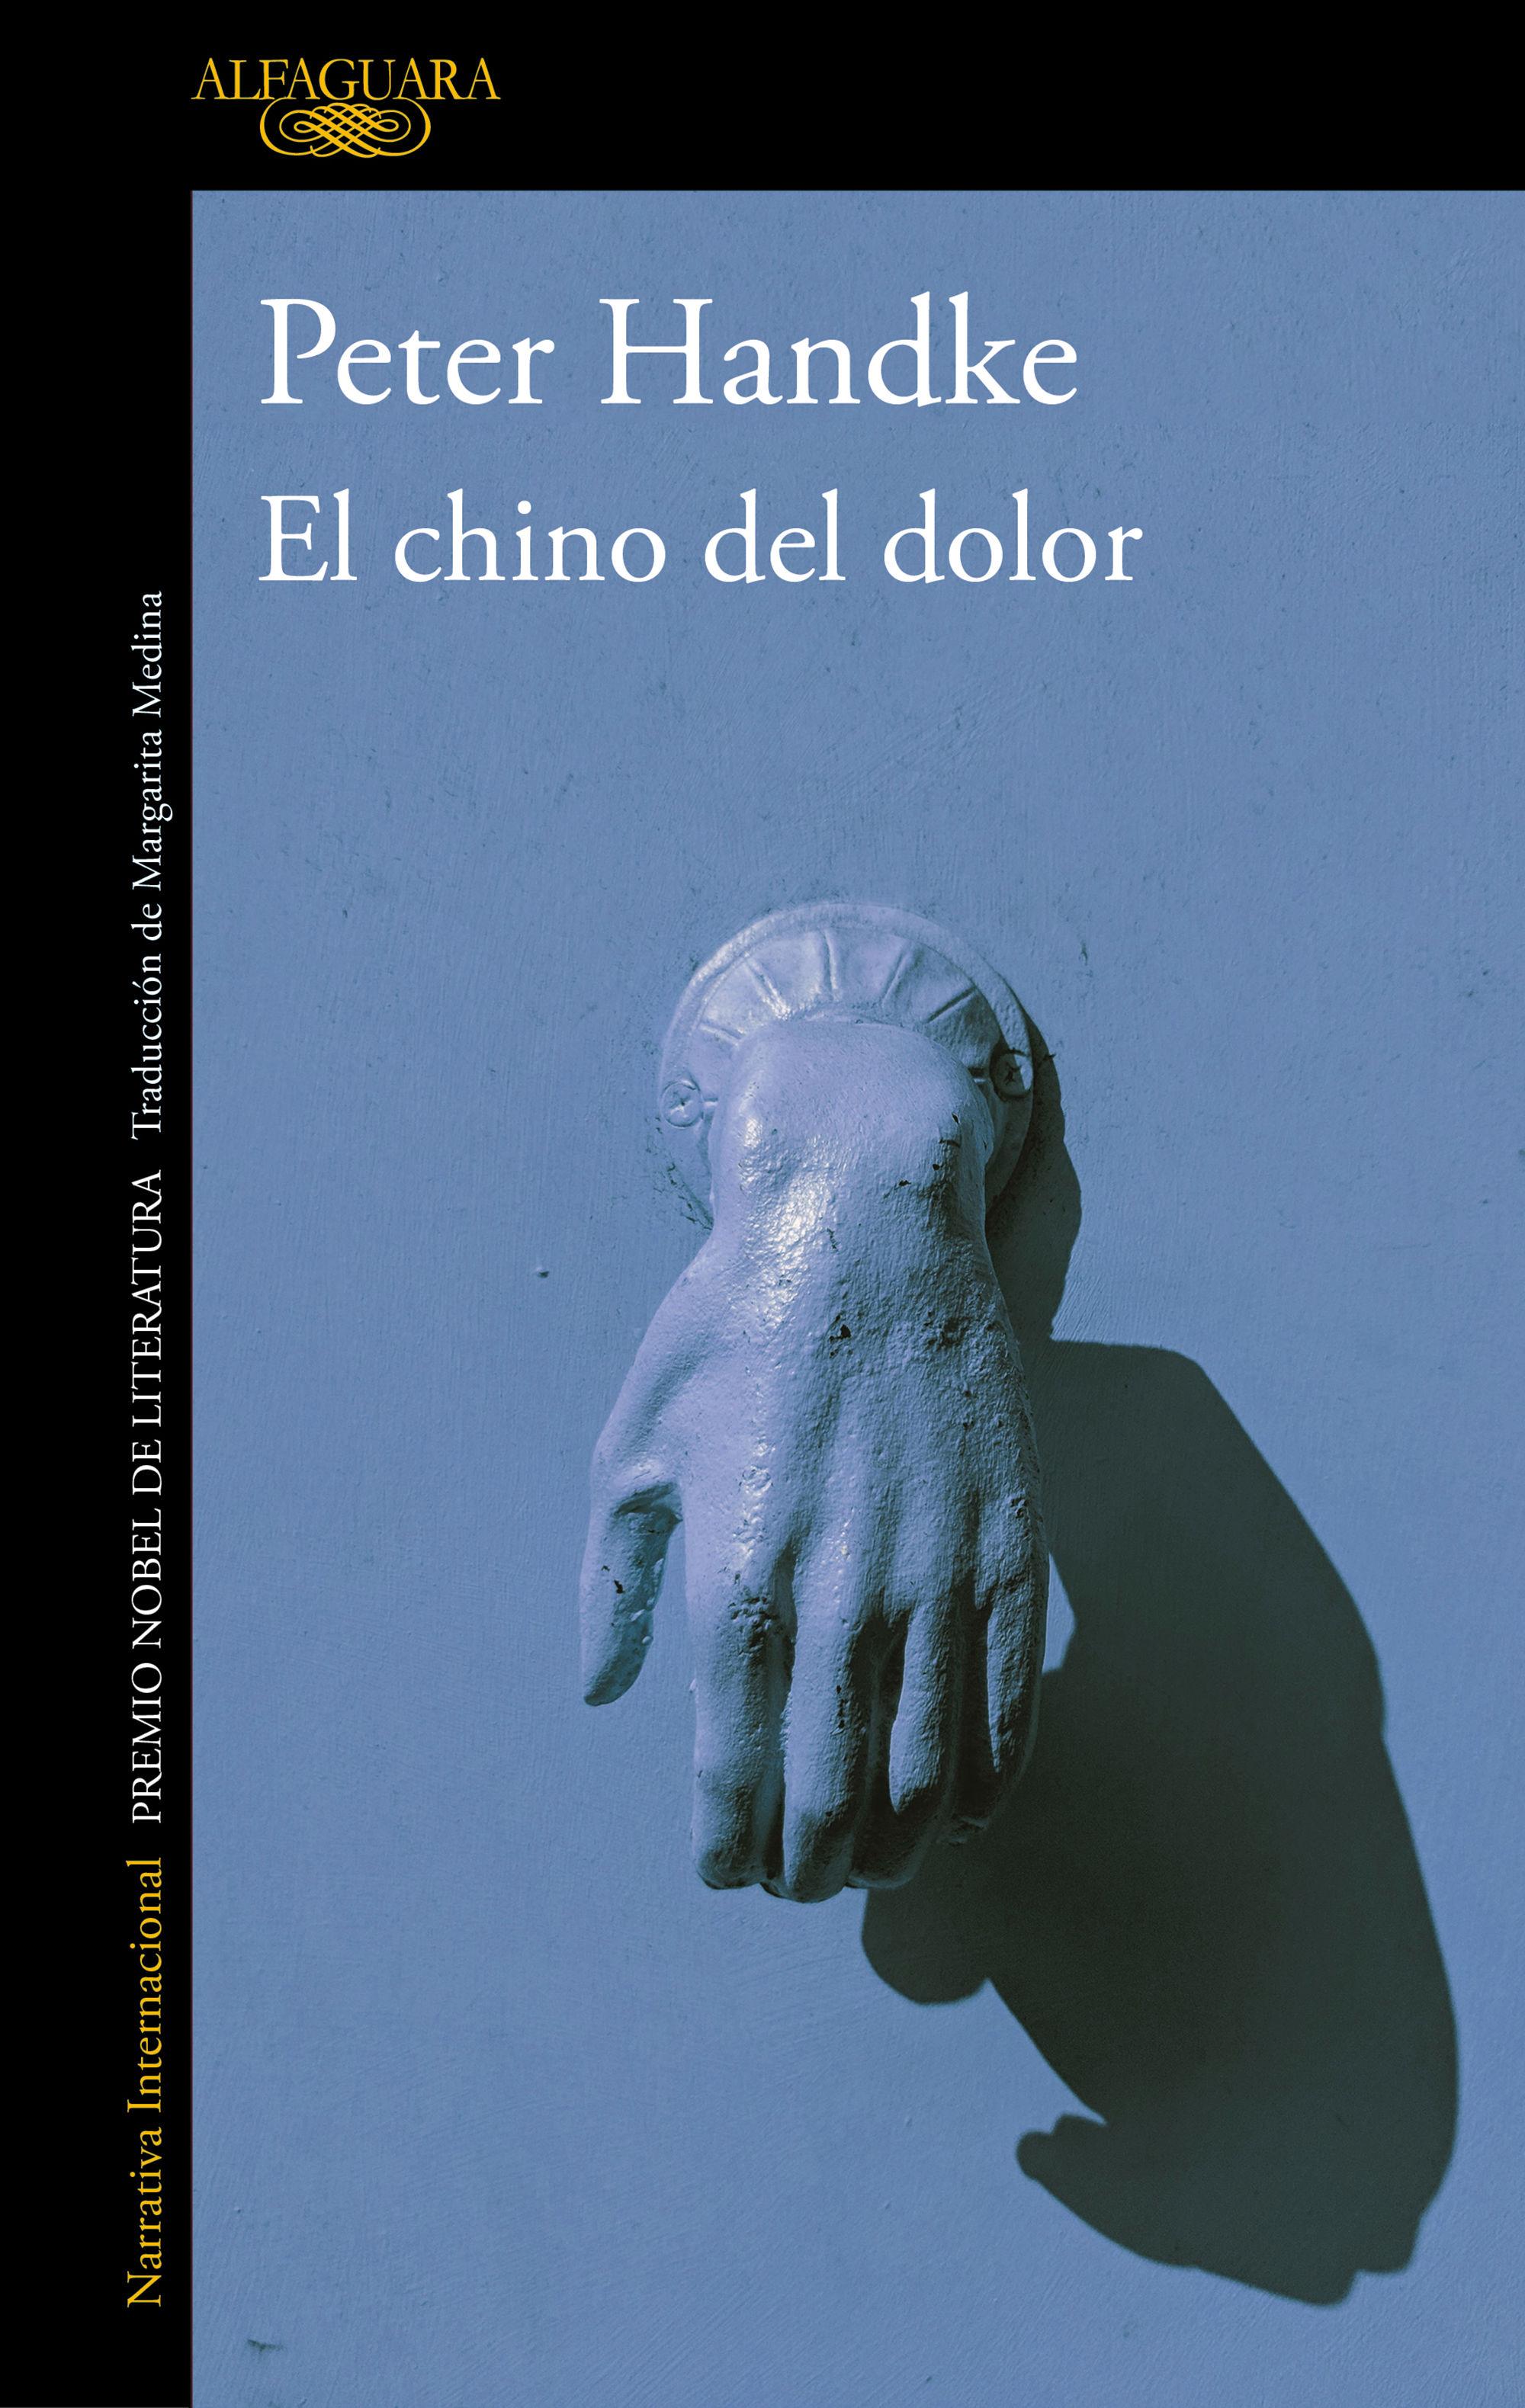 CHINO DEL DOLOR EL